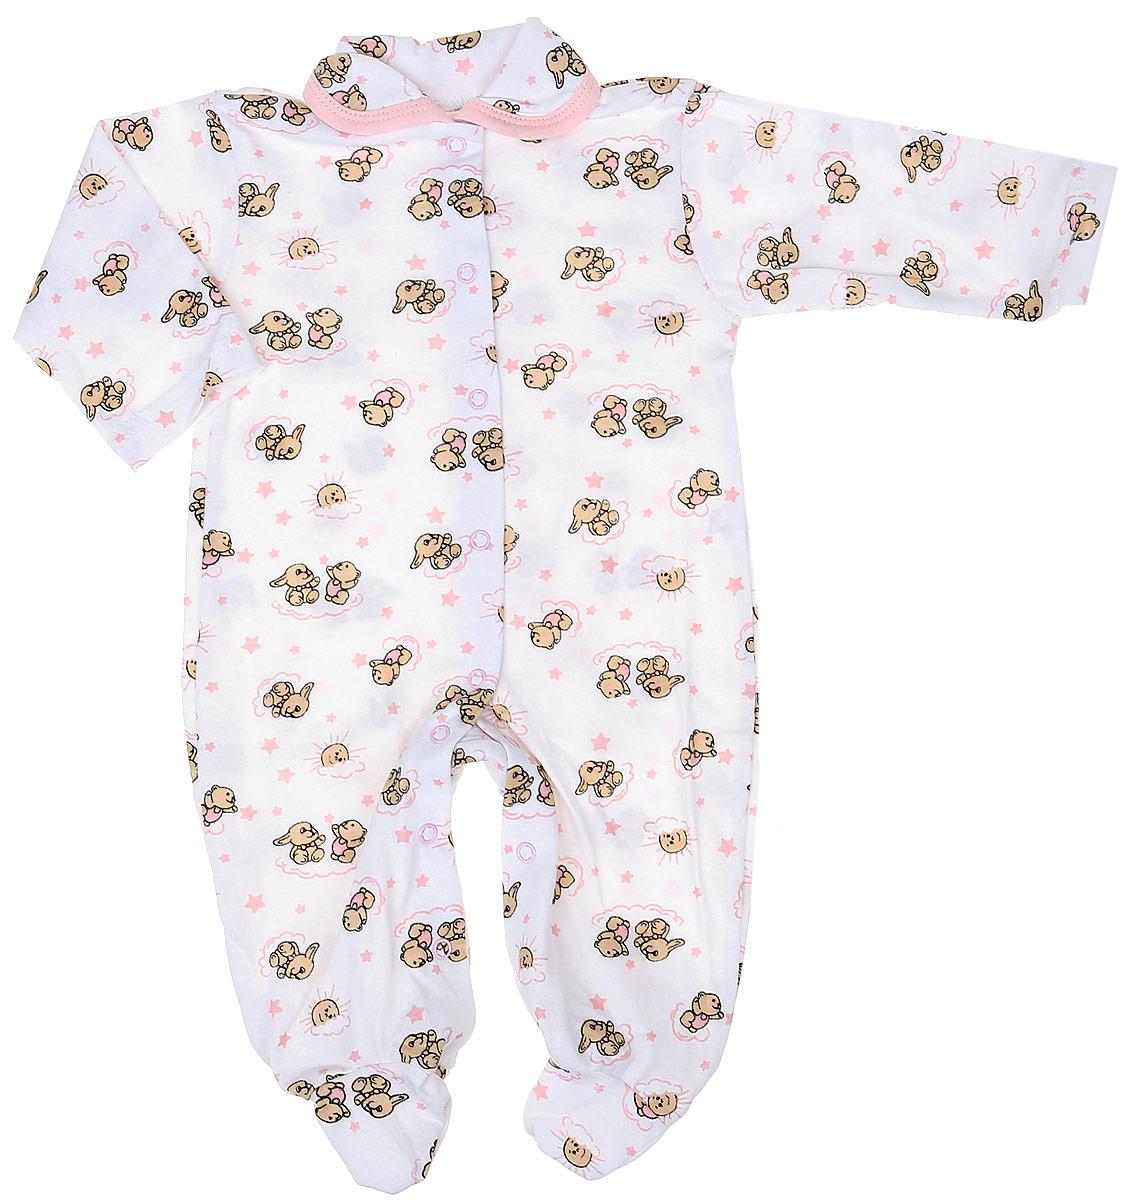 Комбинезон детский Чудесные одежки, цвет: белый, розовый. 5805. Размер 745805Детский комбинезон Чудесные одежки выполнен из натурального хлопка.Комбинезон с отложным воротничком, длинными рукавами и закрытыми ножками имеет застежки-кнопки спереди и на ластовице, которые помогают легко переодеть младенца или сменить подгузник. Изделие оформлено принтом с изображением зайчиков.